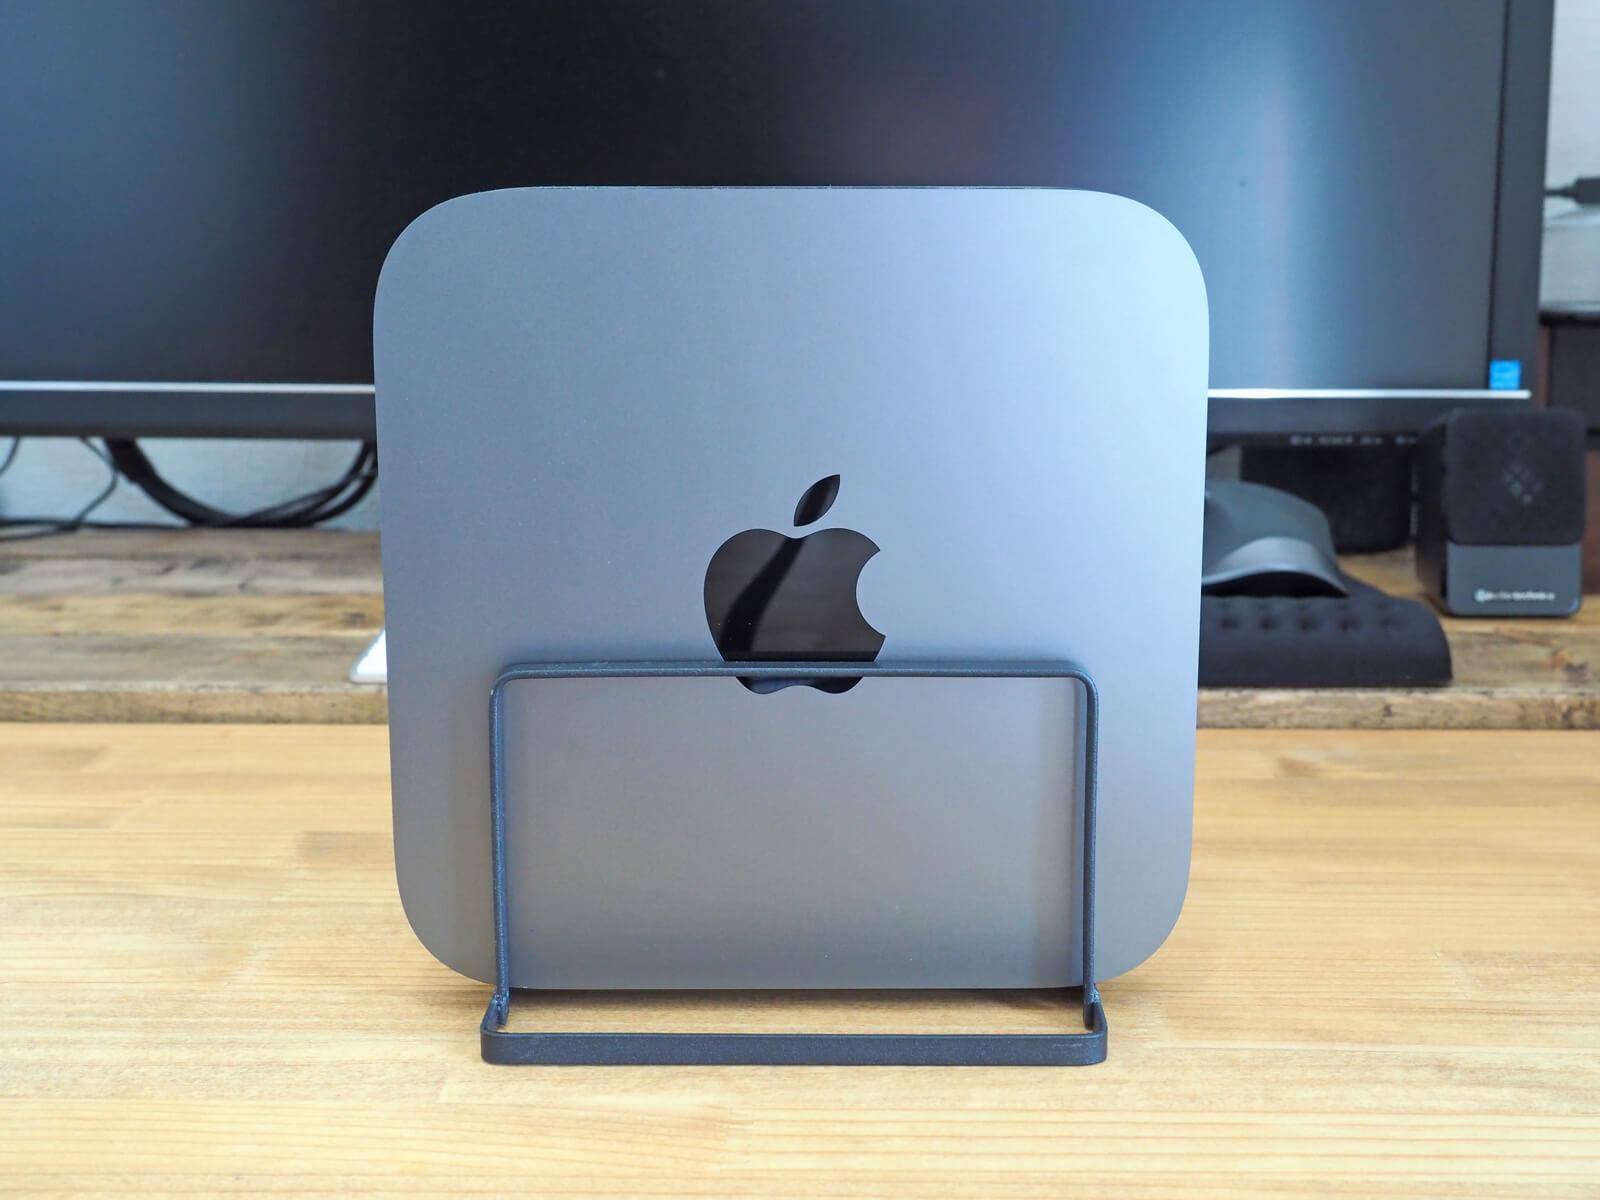 Seriaのまな板スタンドにMac miniを置いてみた